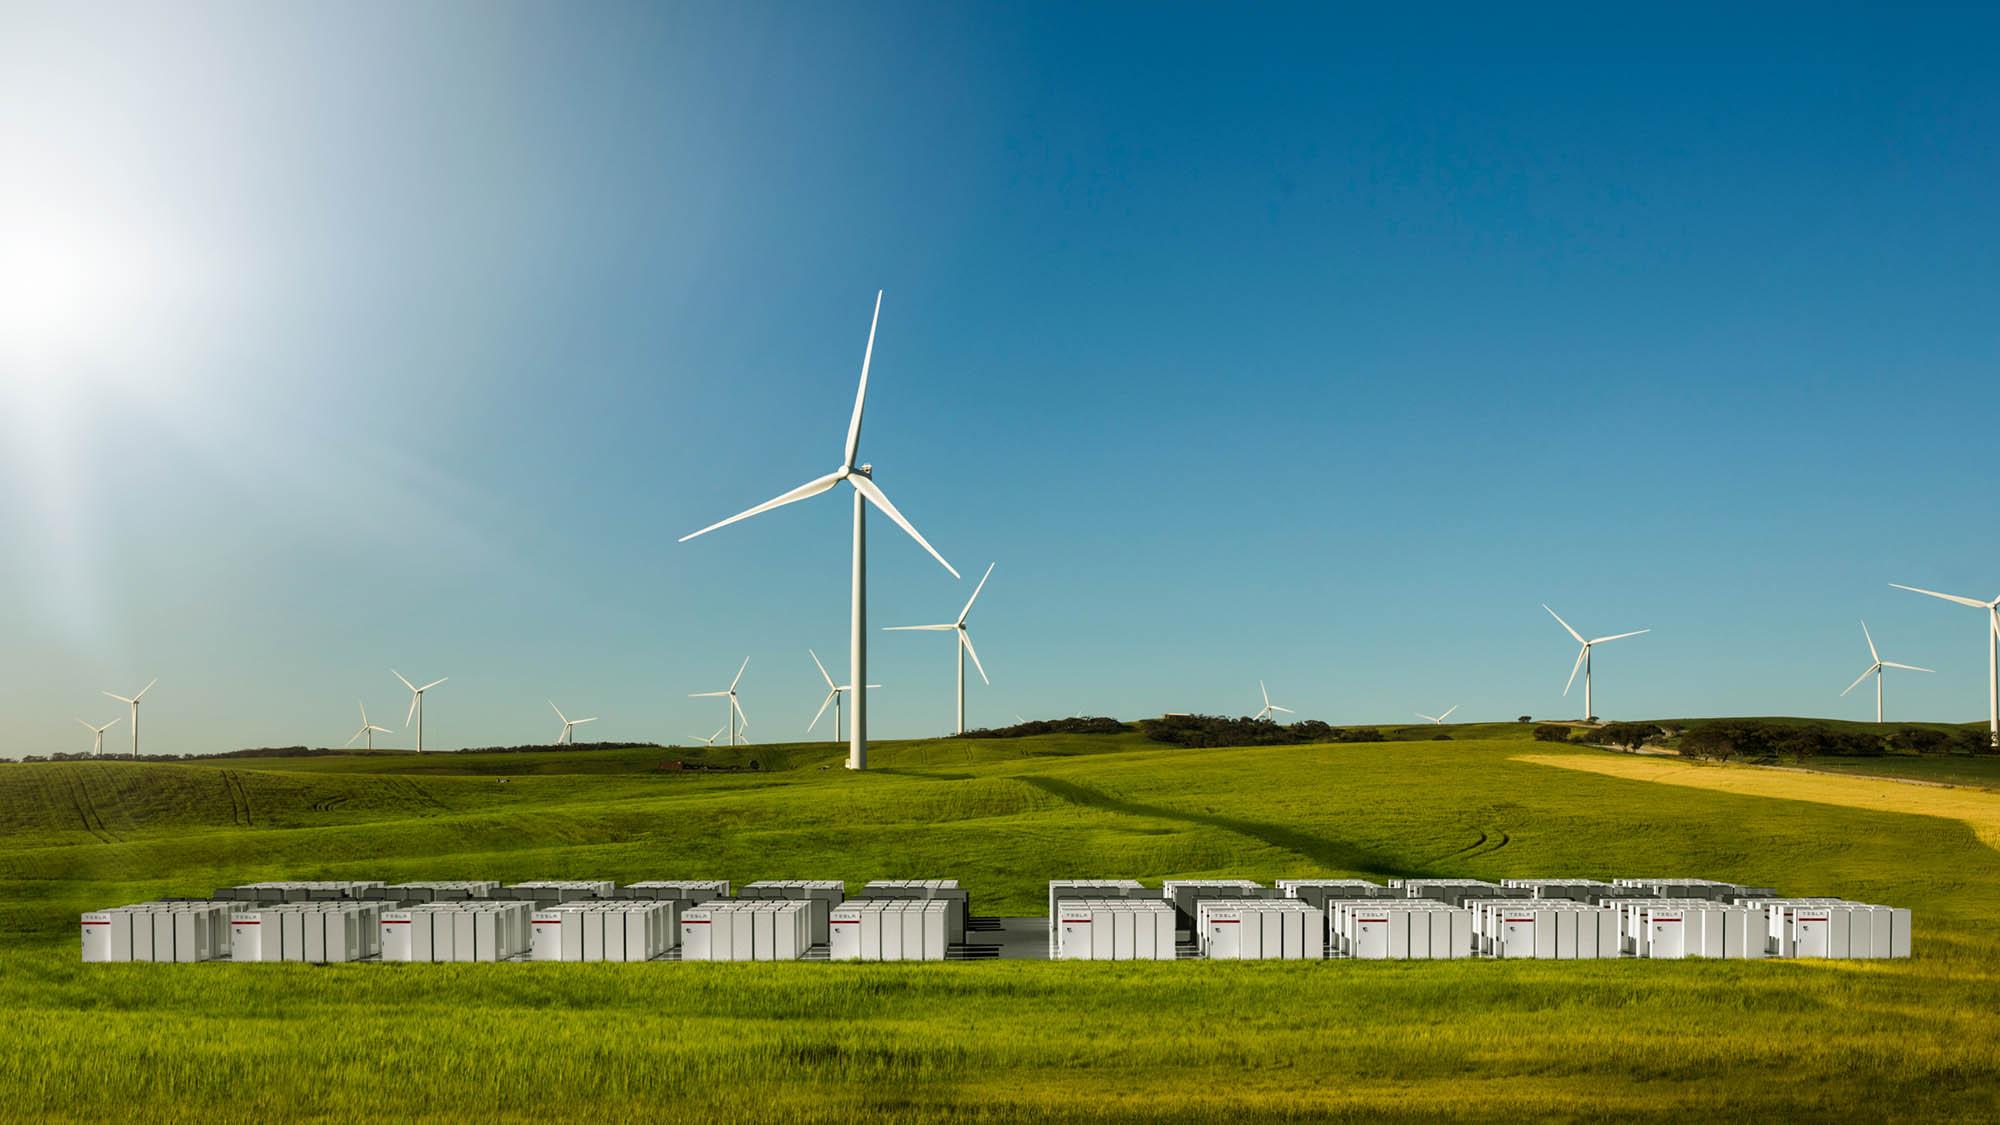 Tesla согласилась осоздании наибольшего хранилища энергии вАвстралии